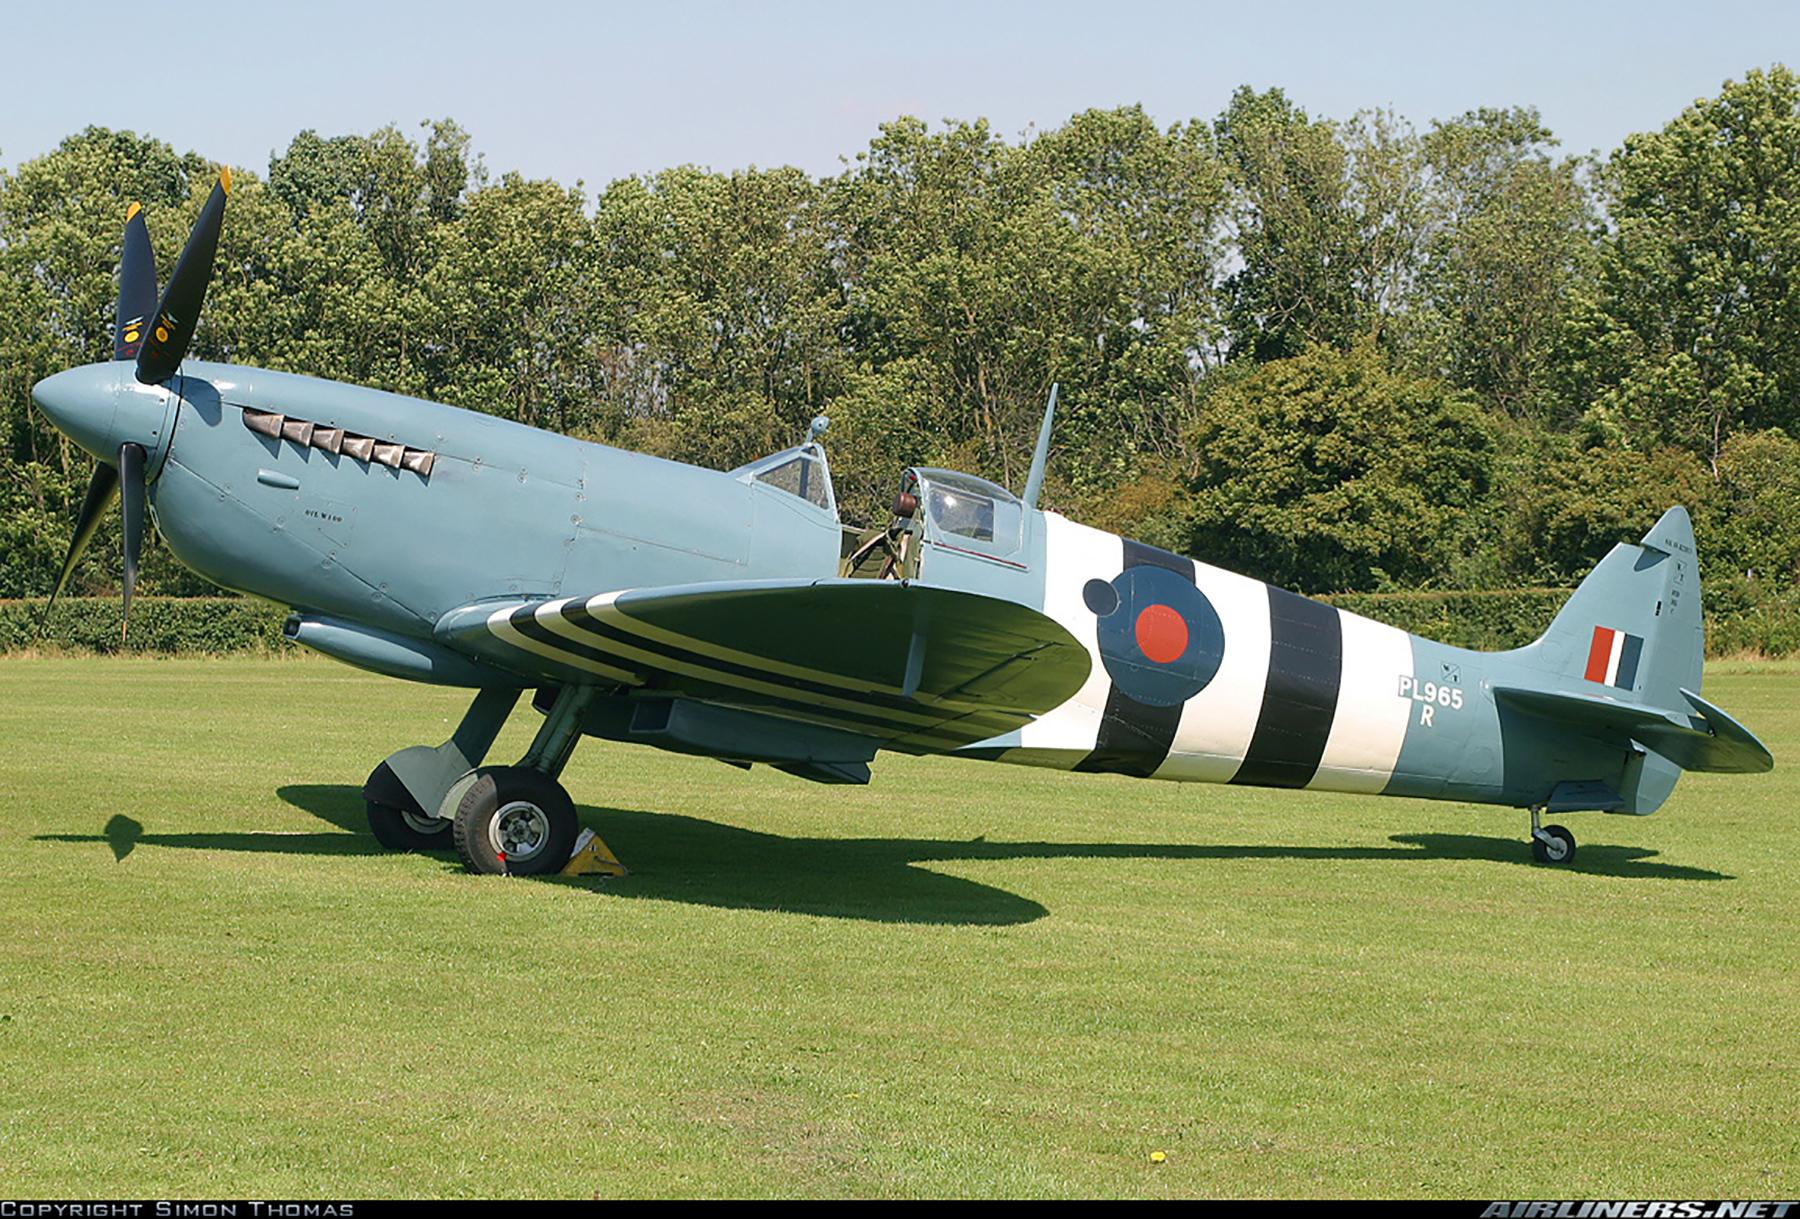 Airworthy Spitfire warbird PRXI RAF 16Sqn R PL965 17